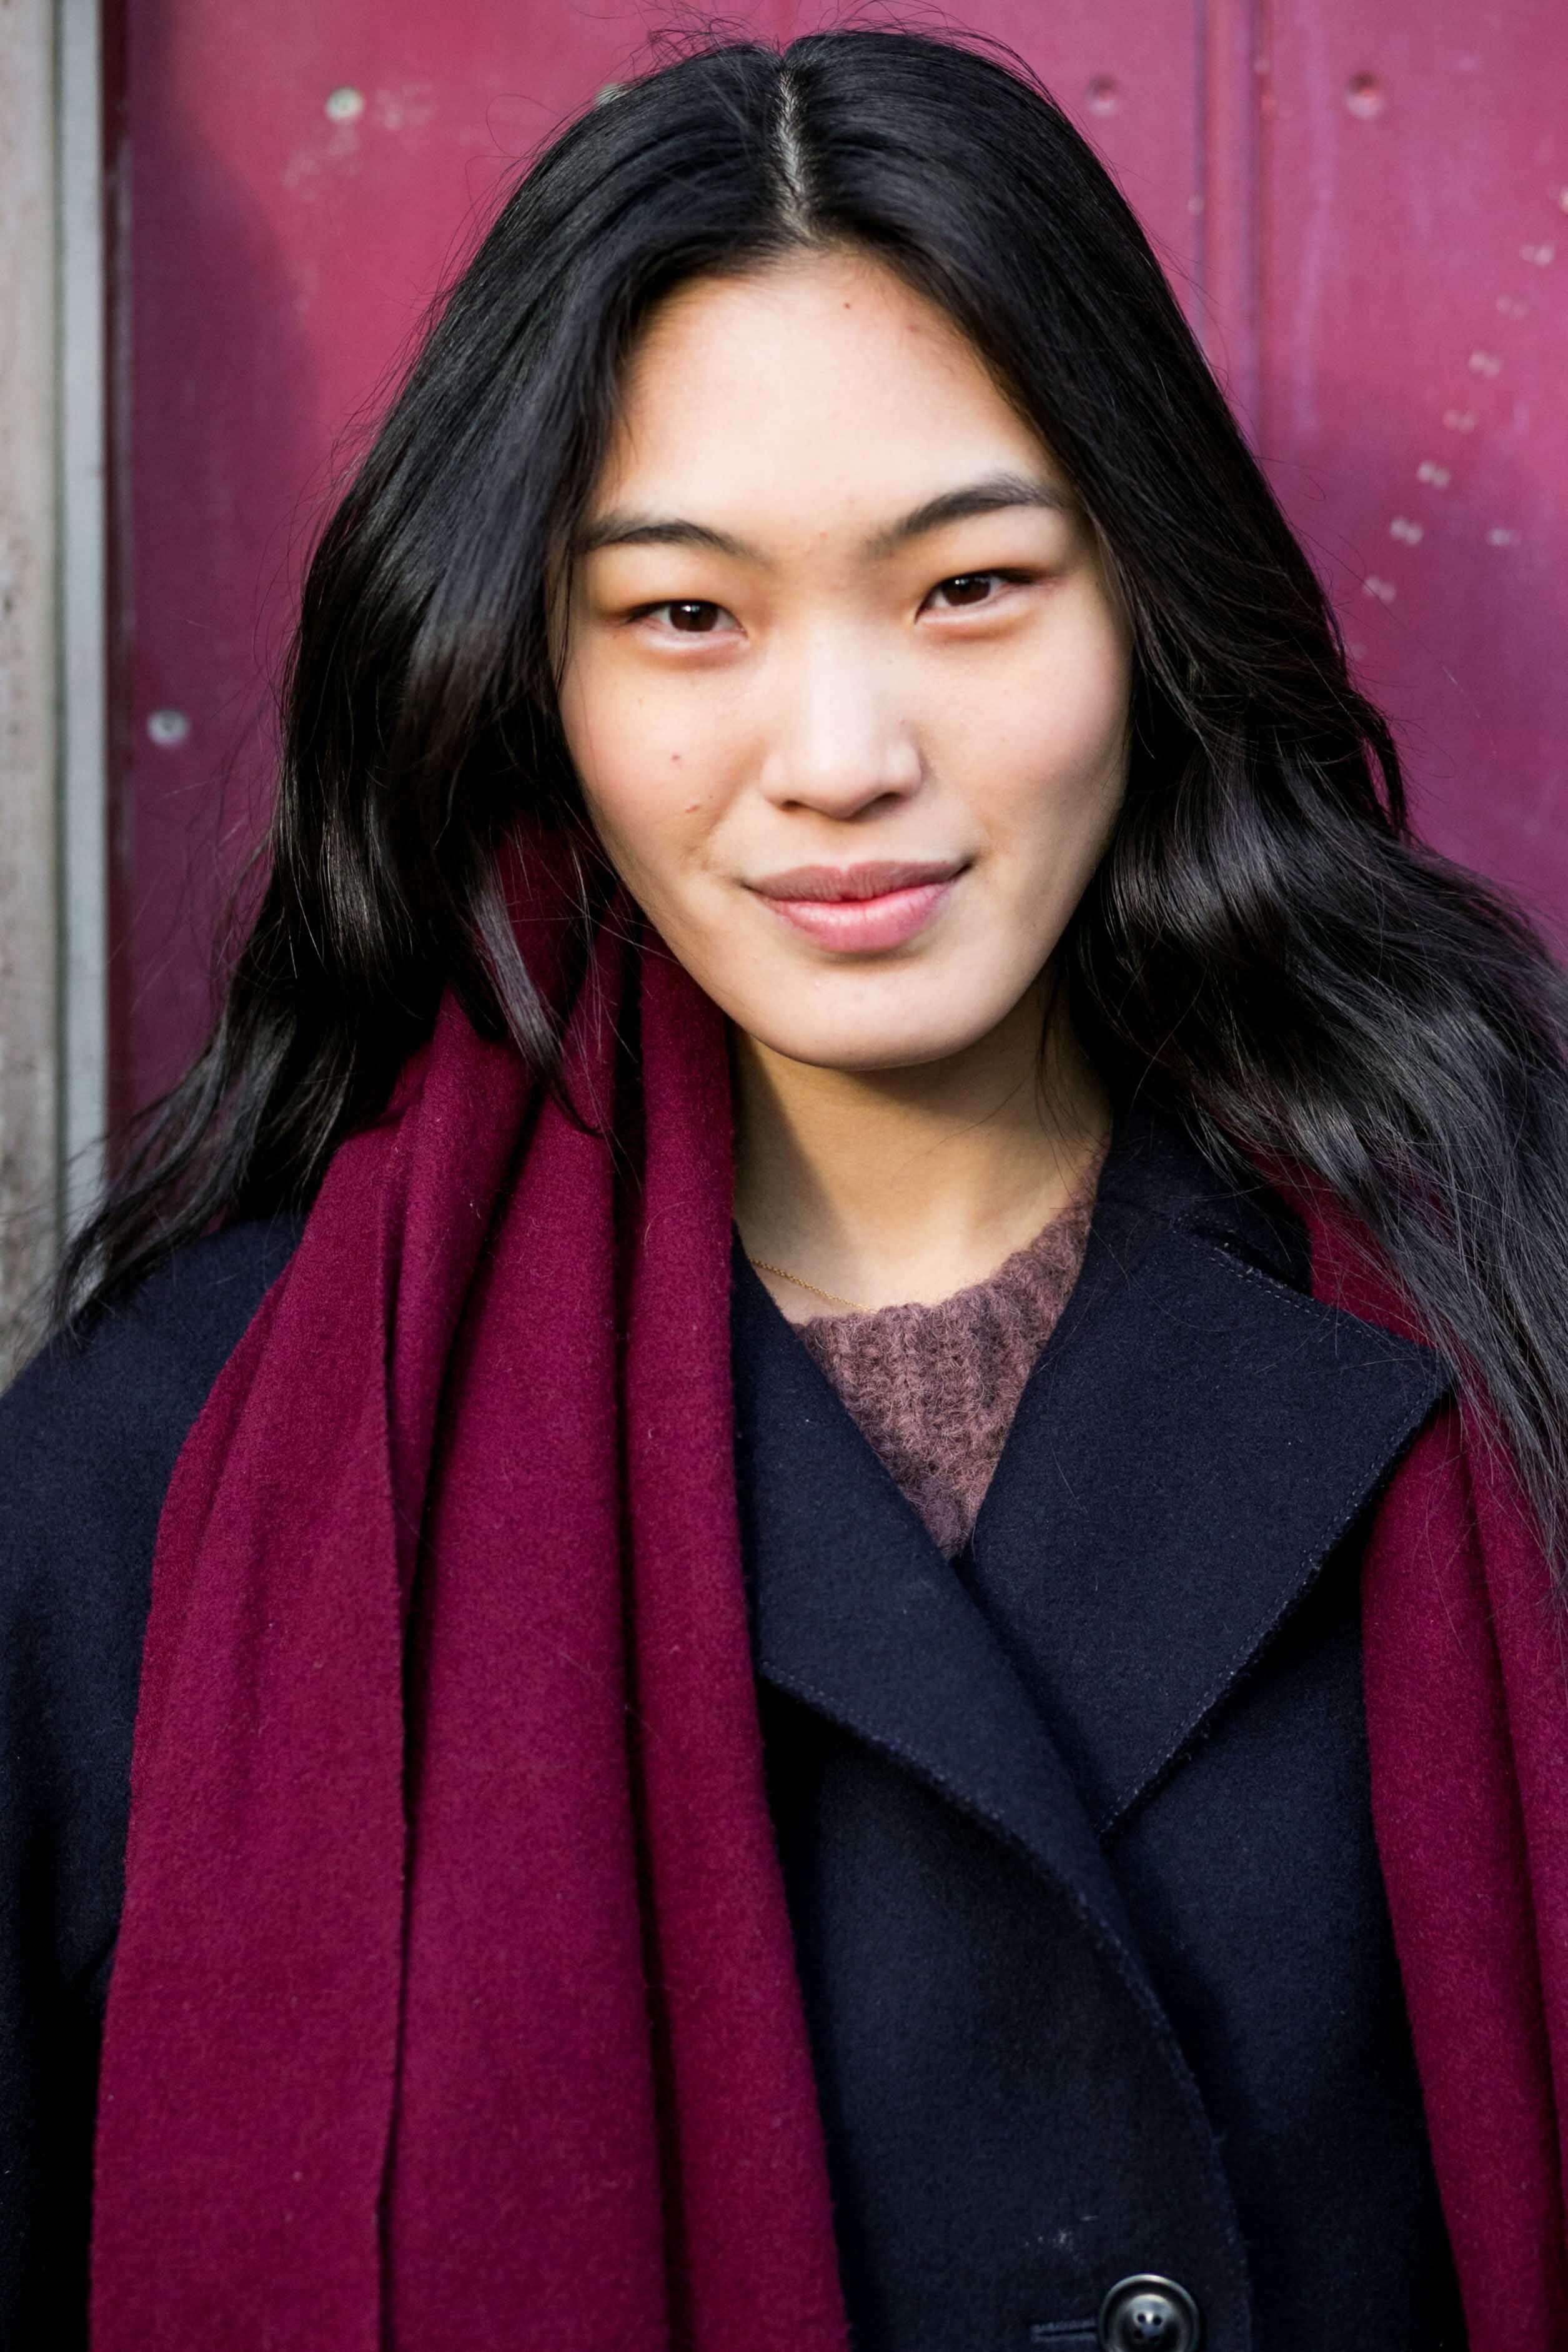 Coiffures asiatiques : Femme asiatique aux cheveux bruns foncés ondulés portant un manteau d'hiver et une écharpe.